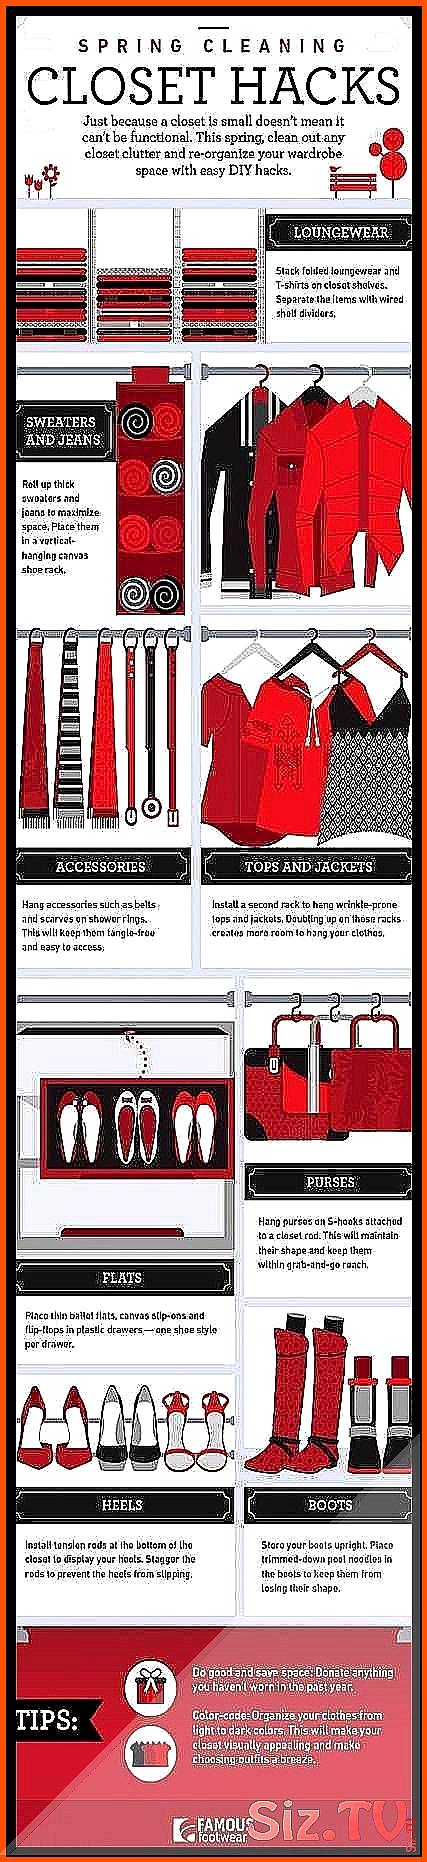 Best closet hacks organizing clothes dorm room Ide / #CLOSET #clothes #Dorm #DormRoomhacksclothes #Hacks #Ide #organizing #Room #organizingdormrooms